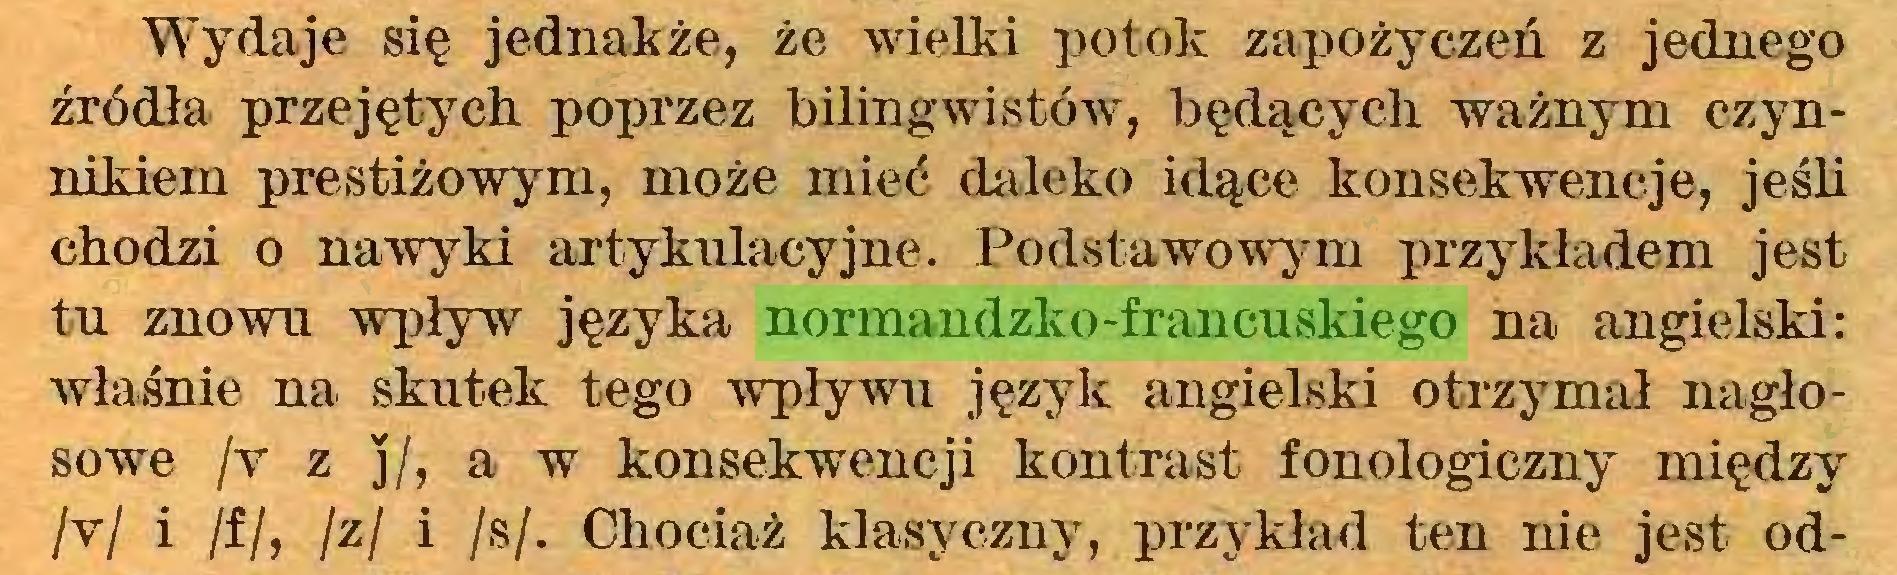 (...) Wydaje się jednakże, że wielki potok zapożyczeń z jednego źródła przejętych poprzez bilingwistów, będących ważnym czynnikiem prestiżowym, może mieć daleko idące konsekwencje, jeśli chodzi o nawyki artykulacyjne. Podstawowym przykładem jest tu znowu wpływ języka normandzko-francuskiego na angielski: właśnie na skutek tego wpływu język angielski otrzymał nagłosowe /v z ]/, a w konsekwencji kontrast fonologiczny między /v/ i /f/, /z/ i /s/. Chociaż klasyczny, przykład ten nie jest od...